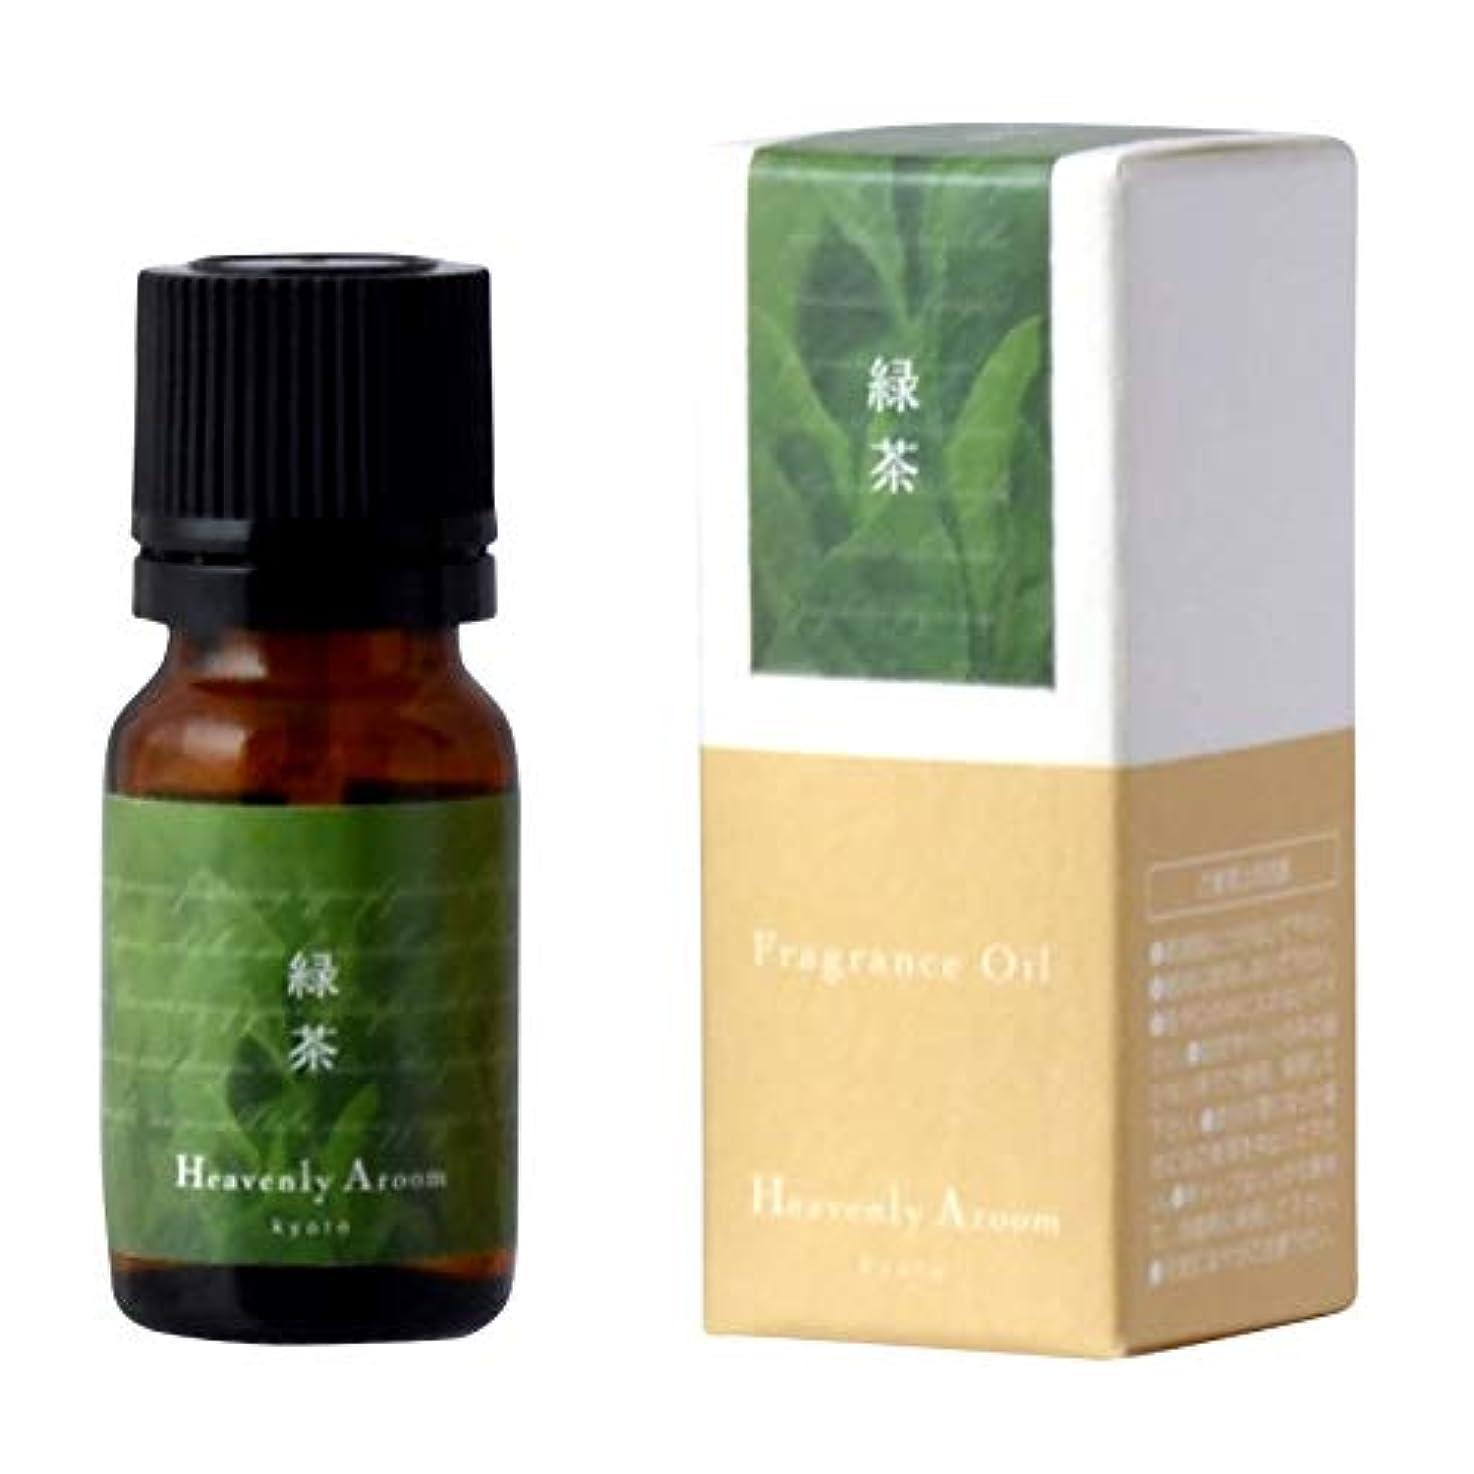 打ち上げる部族ノイズHeavenly Aroom フレグランスオイル 緑茶 10ml